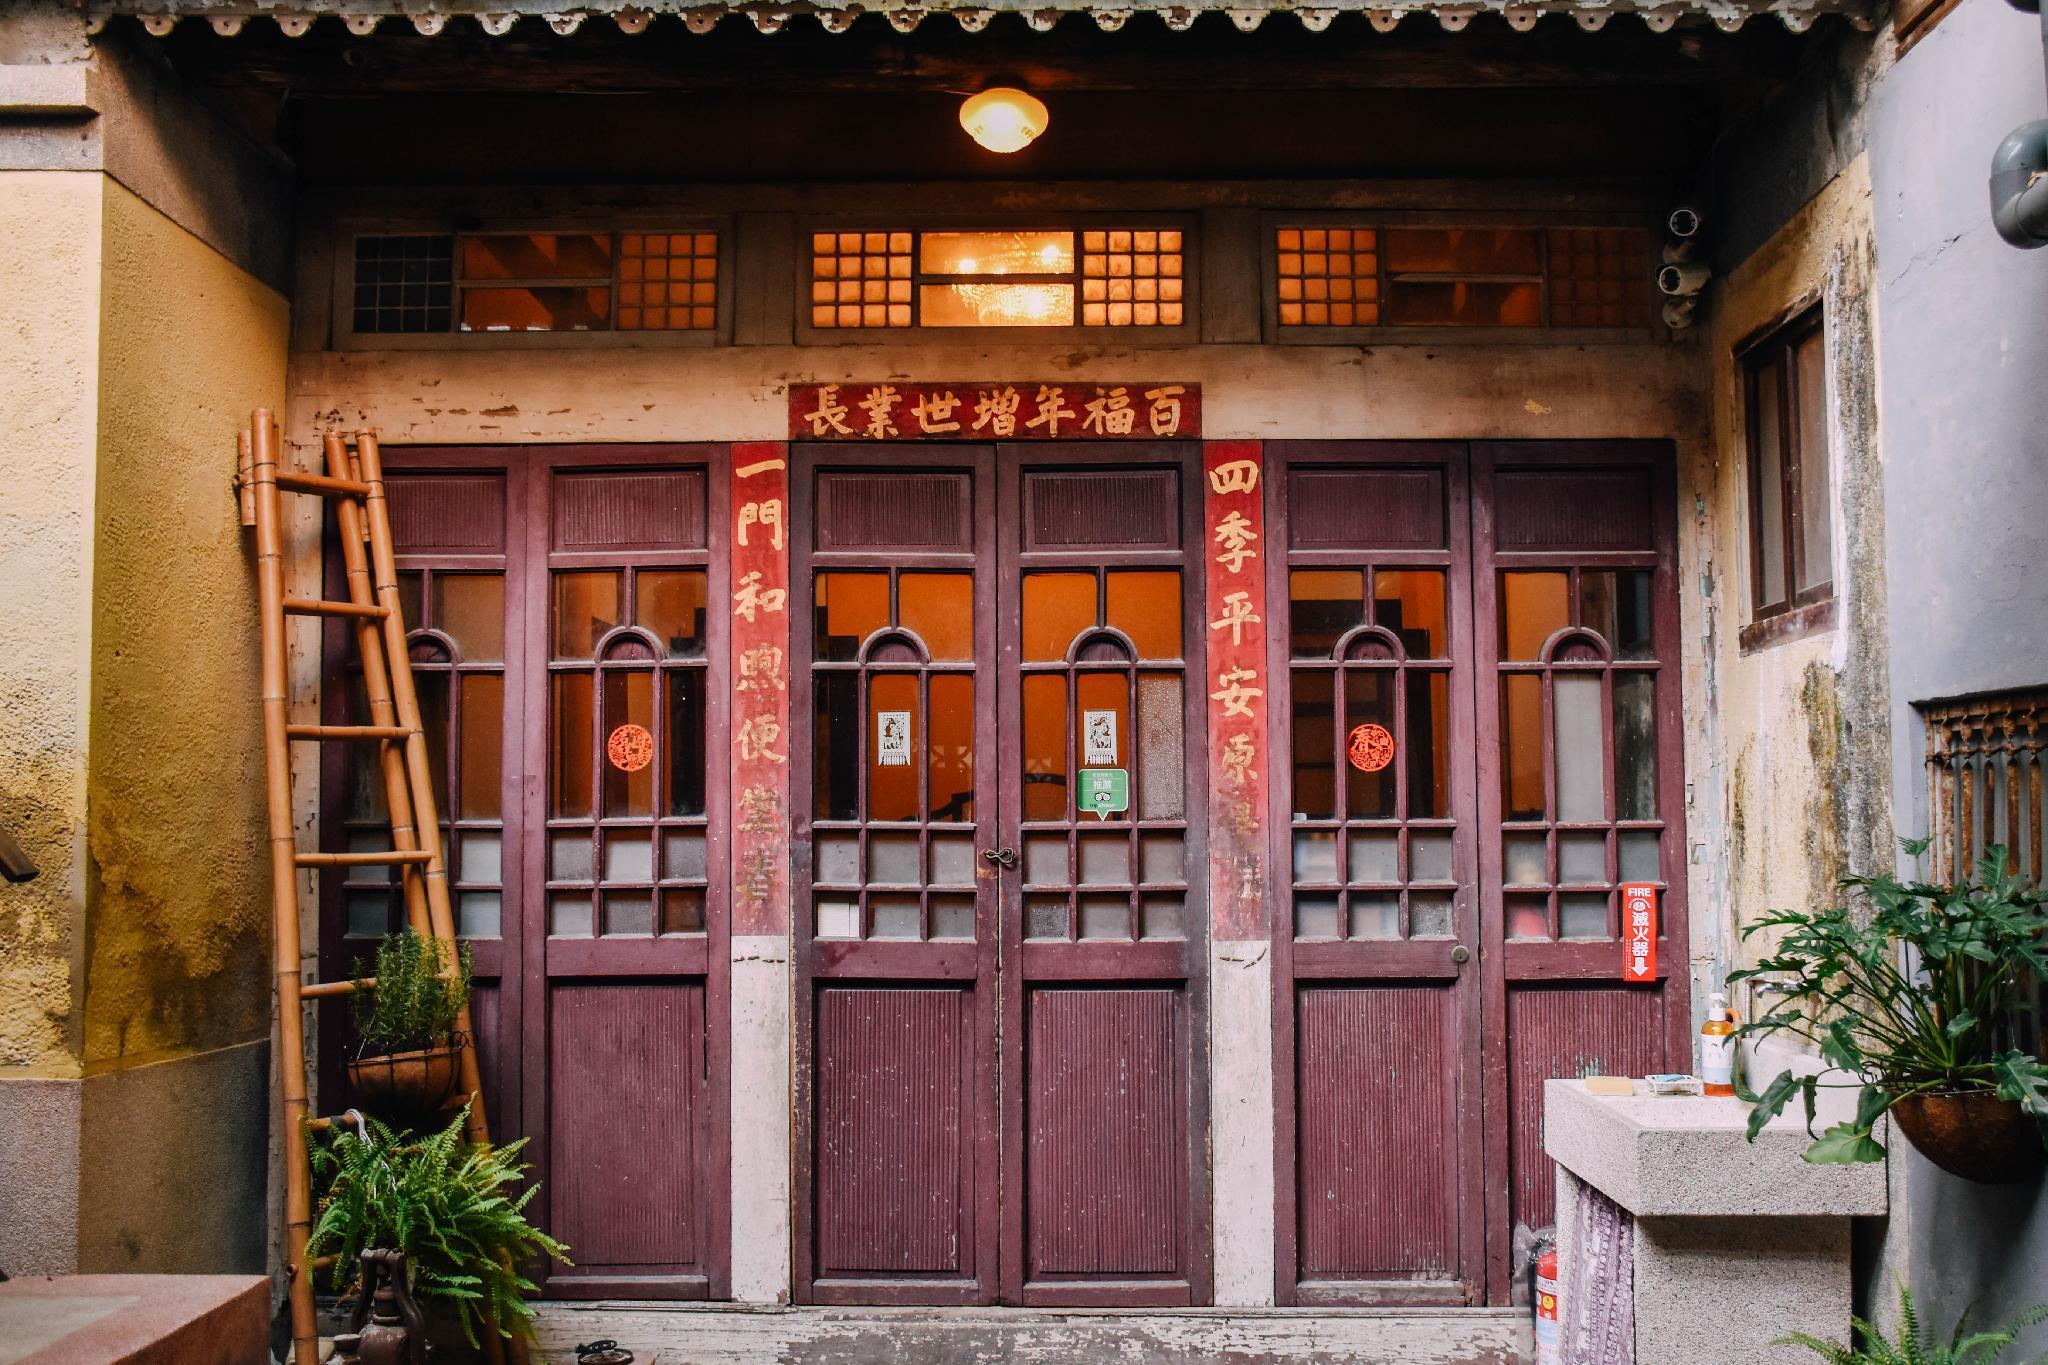 Zifangshutai Tainan Old House Space